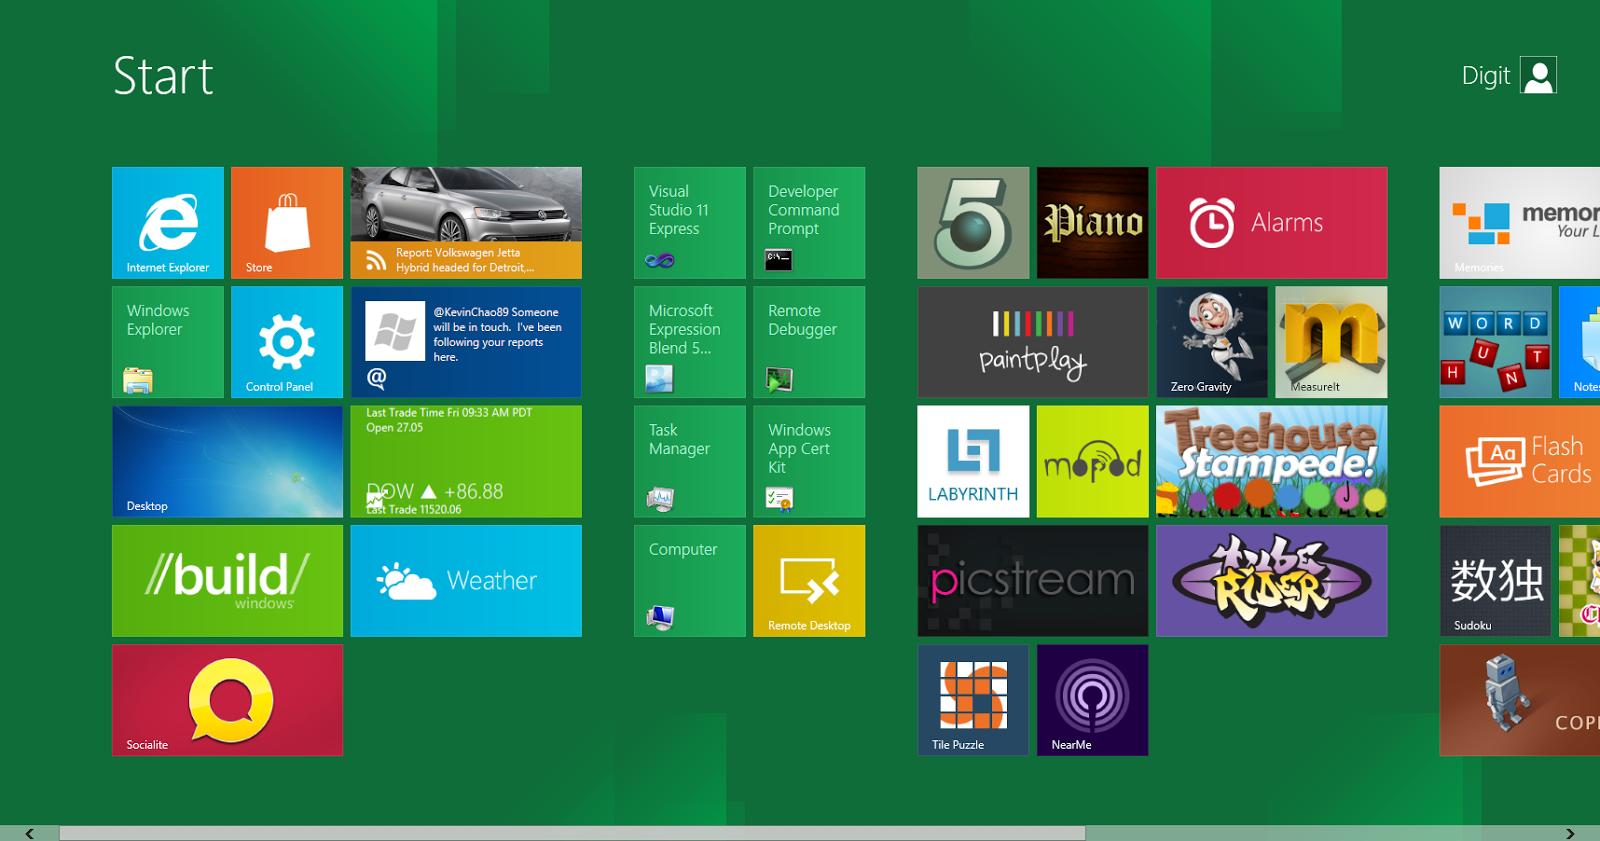 metro ui for windows 7 free download